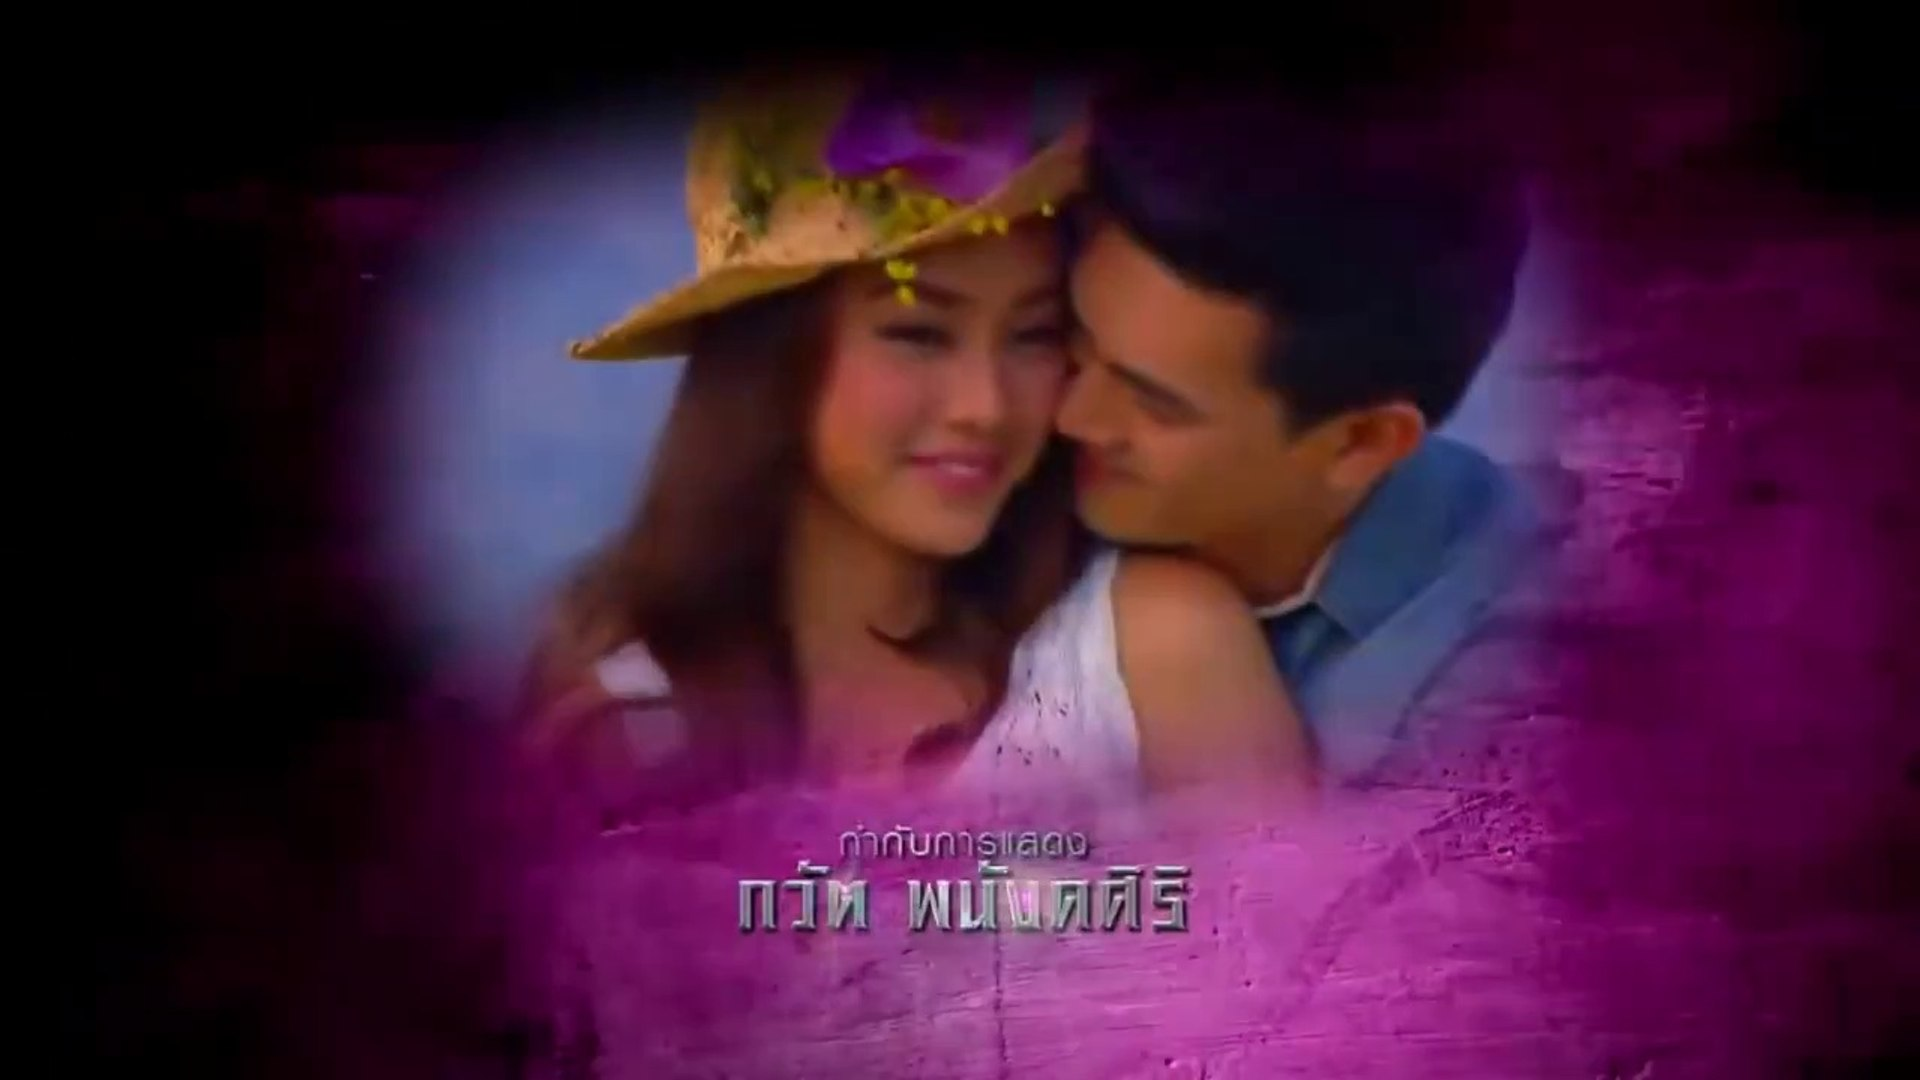 Tử Thần Ngọt Ngào Tập 11 Phim Bộ Thái Lan Lồng Tiếng Việt Thảo Săn Phim Video Dailymotion